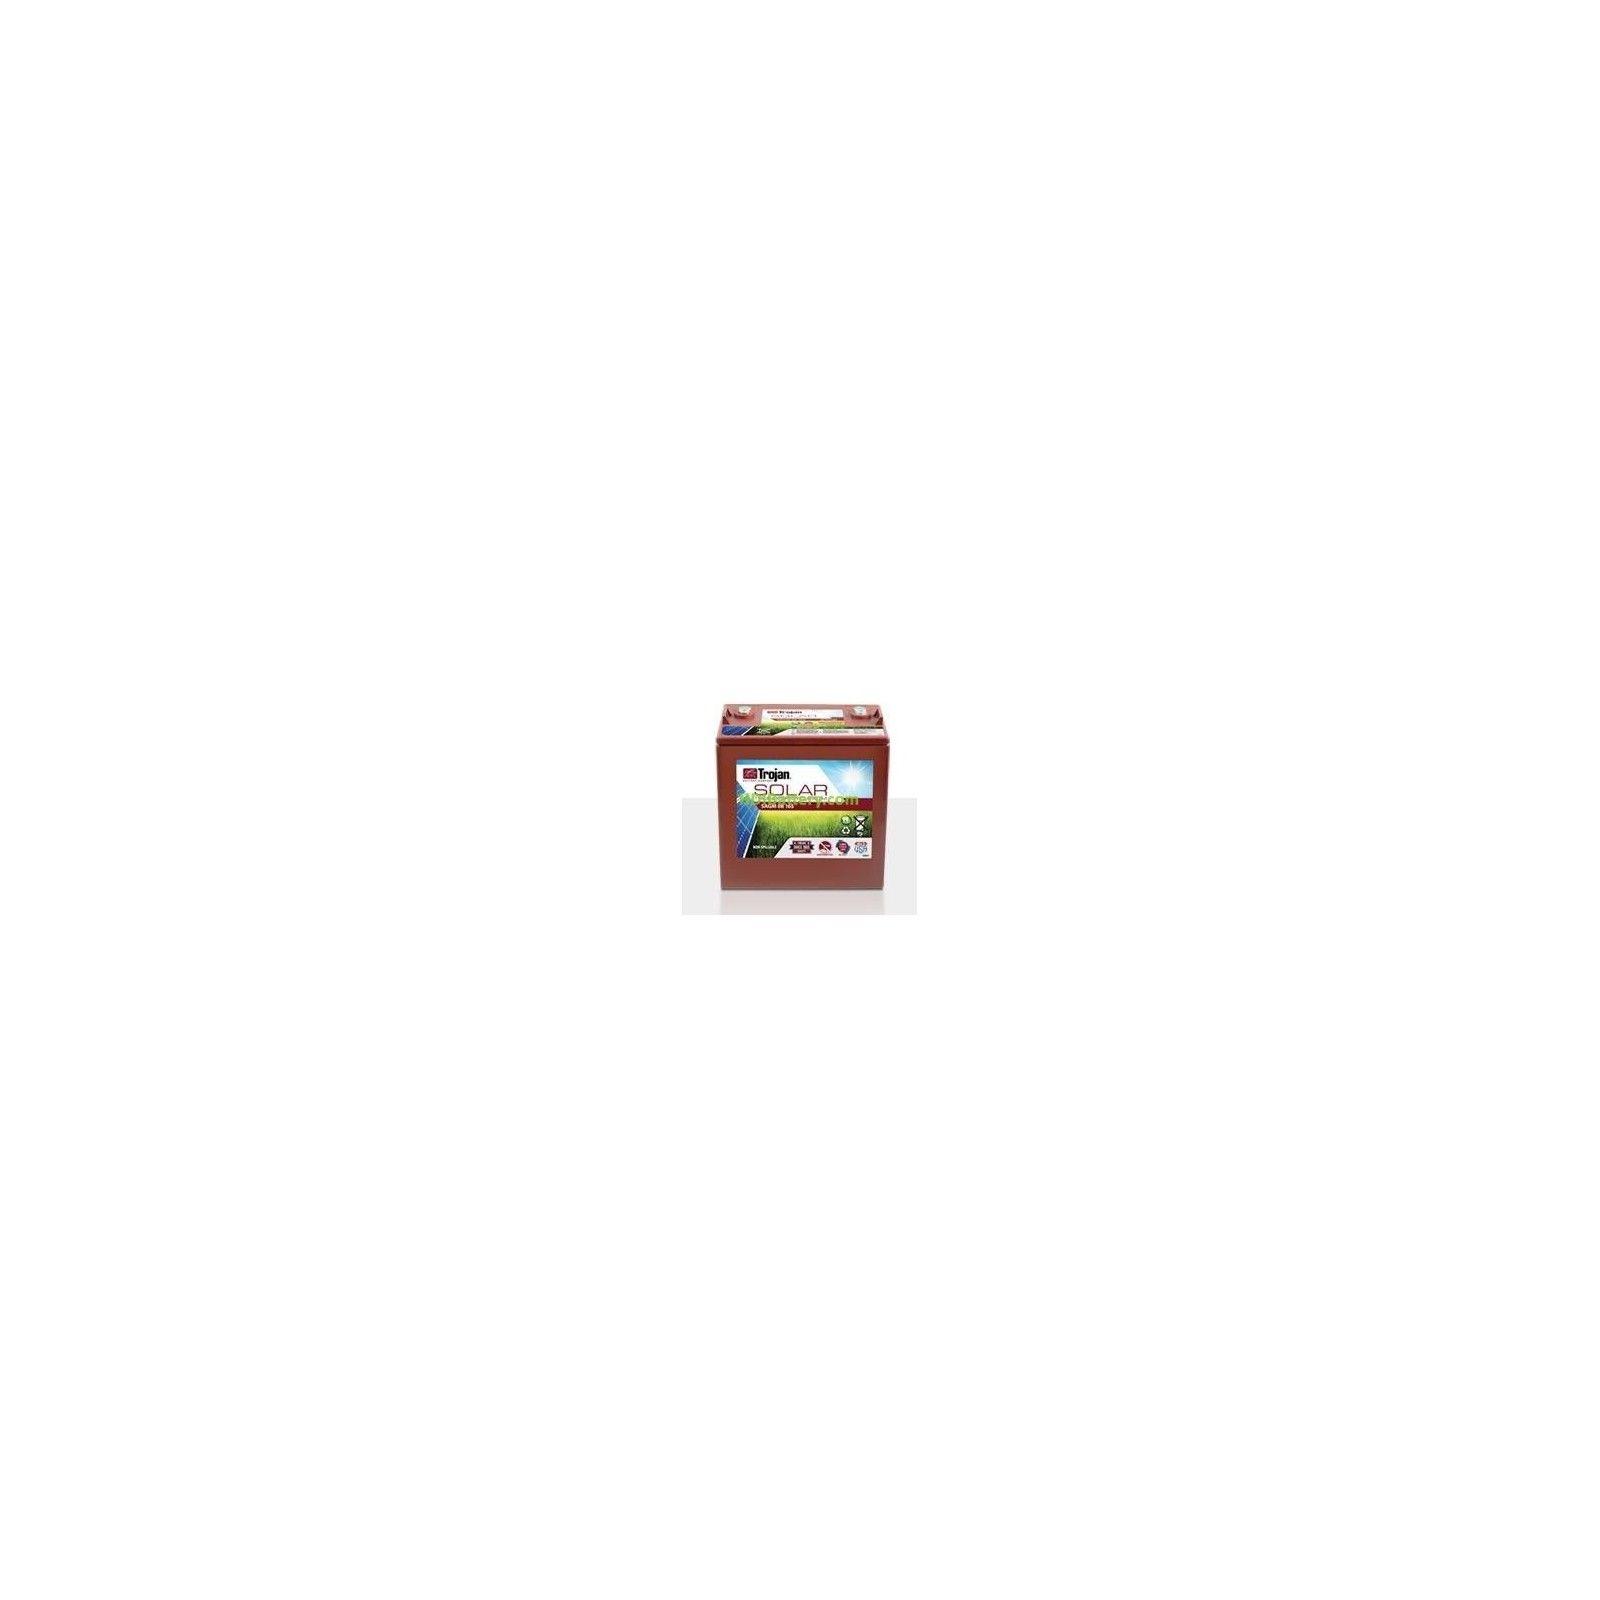 Batería Trojan SAGM 08 165 165Ah 8V Solar Agm  -  1700 Ciclos 50% Dod TROJAN - 1